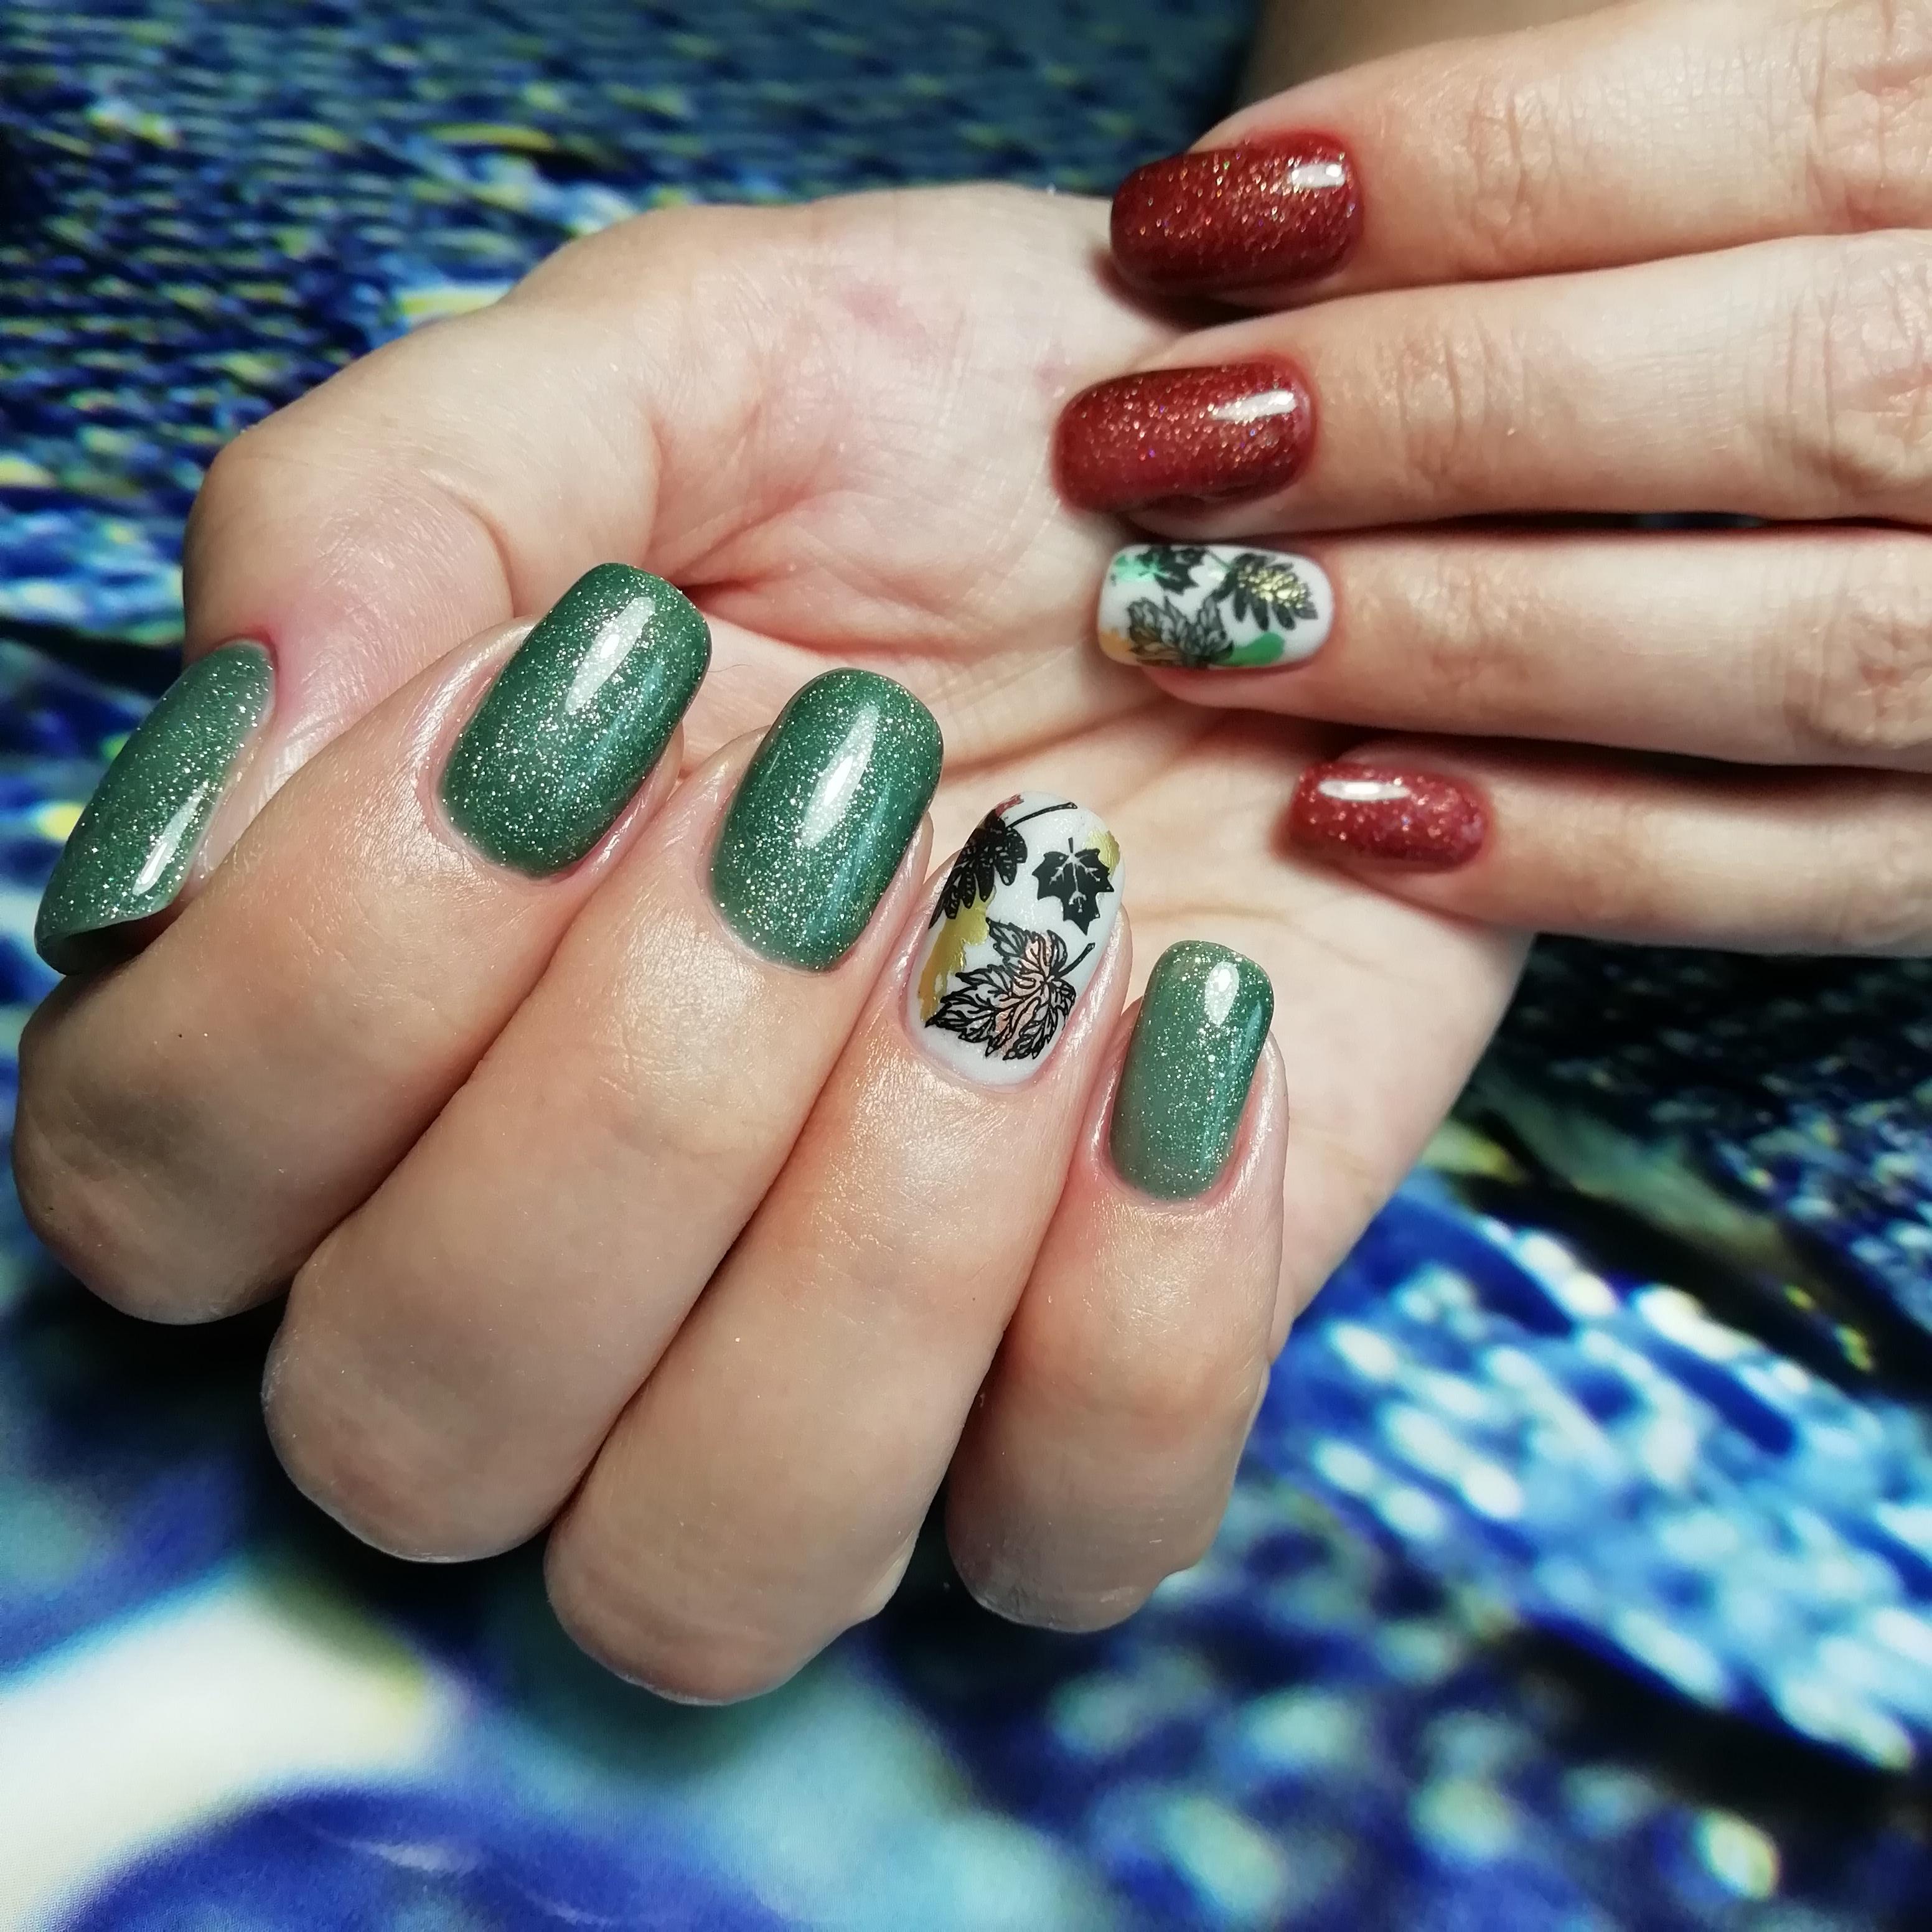 Контрастный осенний маникюр со слайдерами и блестками на длинные ногти.